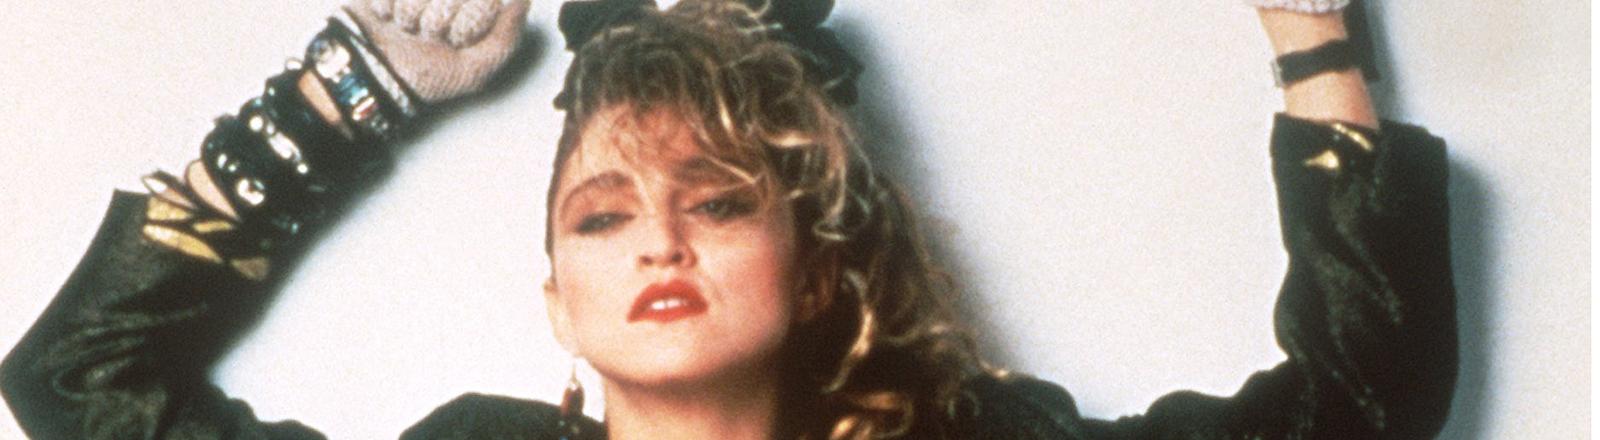 """US-amerikanische Sängerin (""""Like a Virgin""""), aufgenommen 1985."""